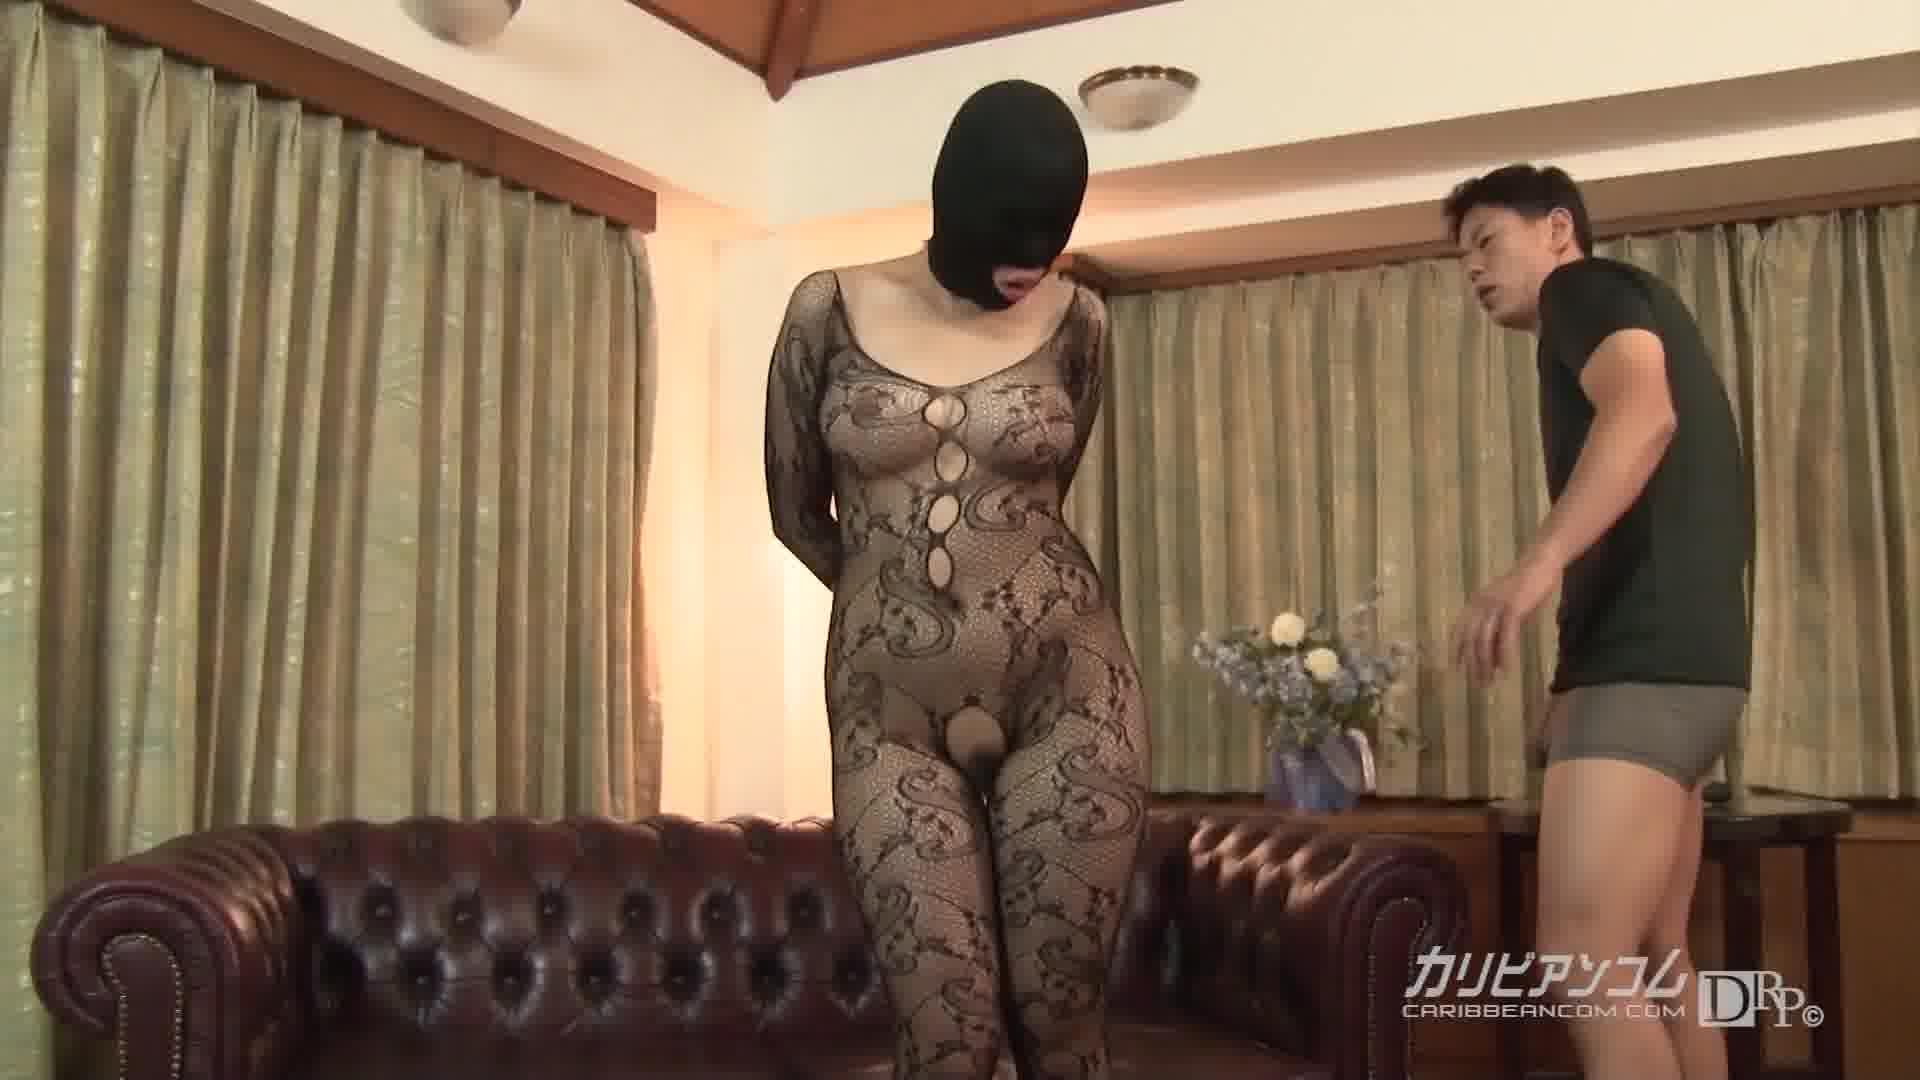 性欲処理マゾマスク ~言いなりペットは美爆乳~ - 性欲処理マゾマスク 04号【巨乳・パイズリ・初裏】